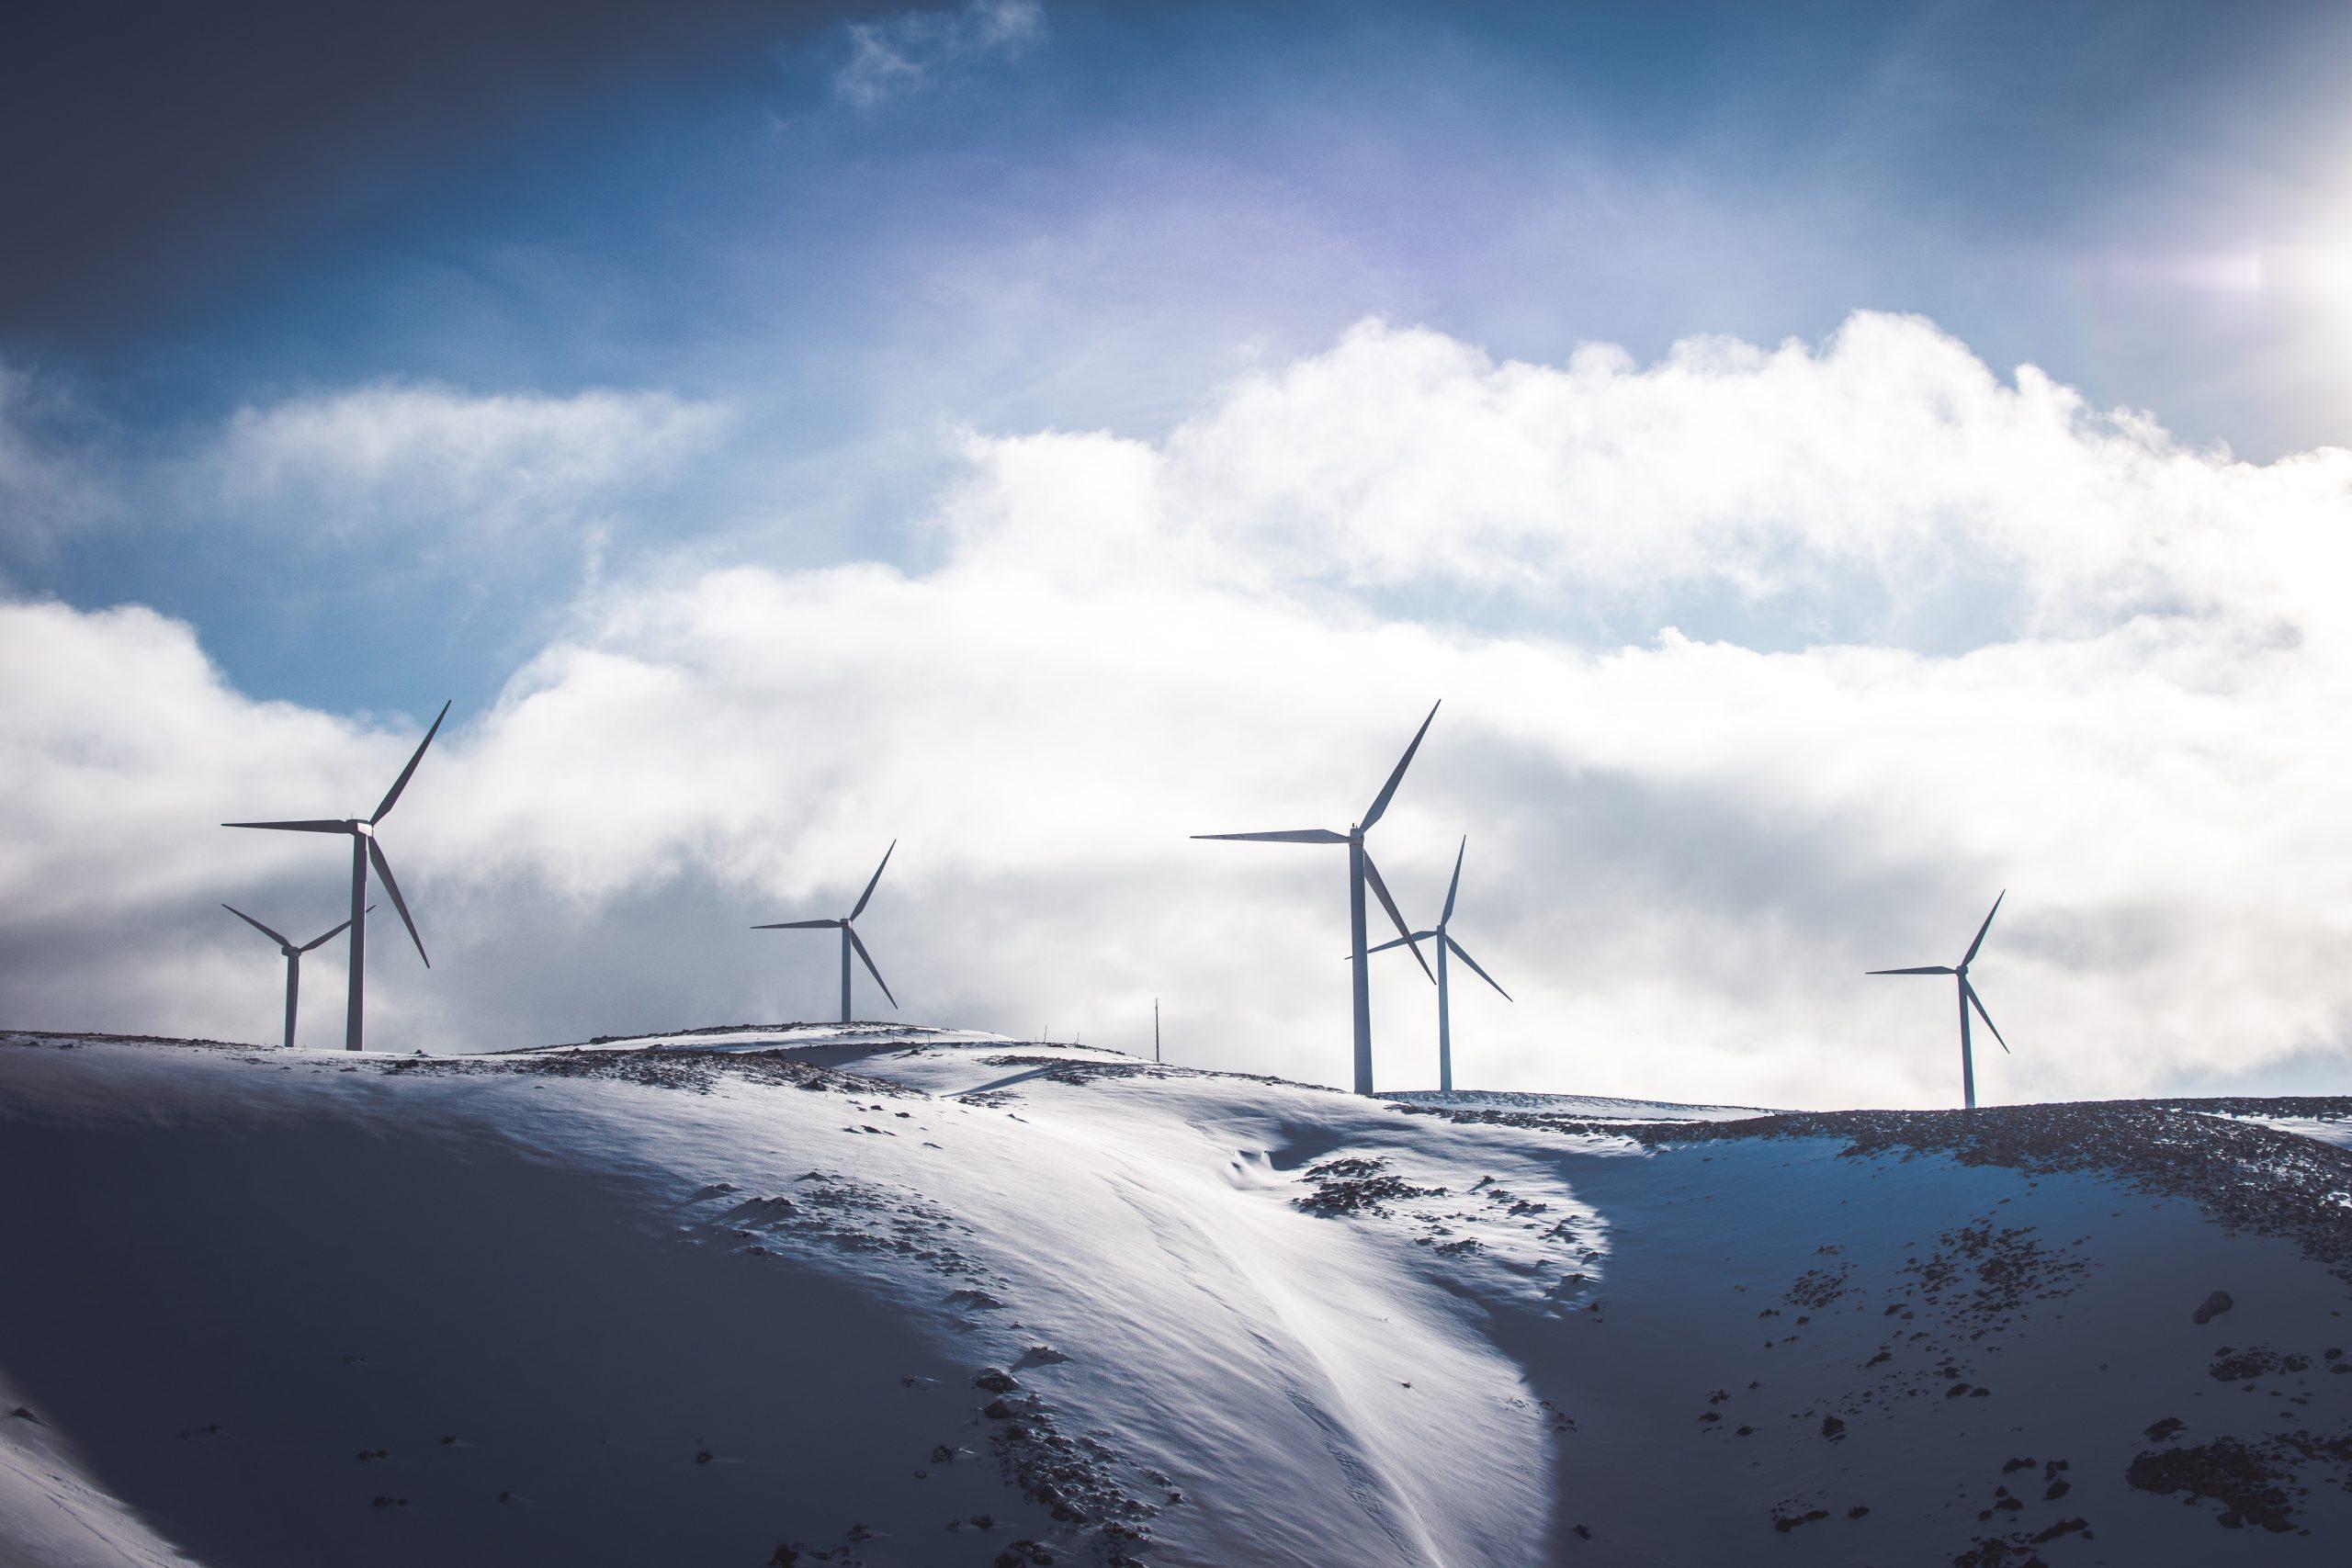 wind turbines on snow covered hills